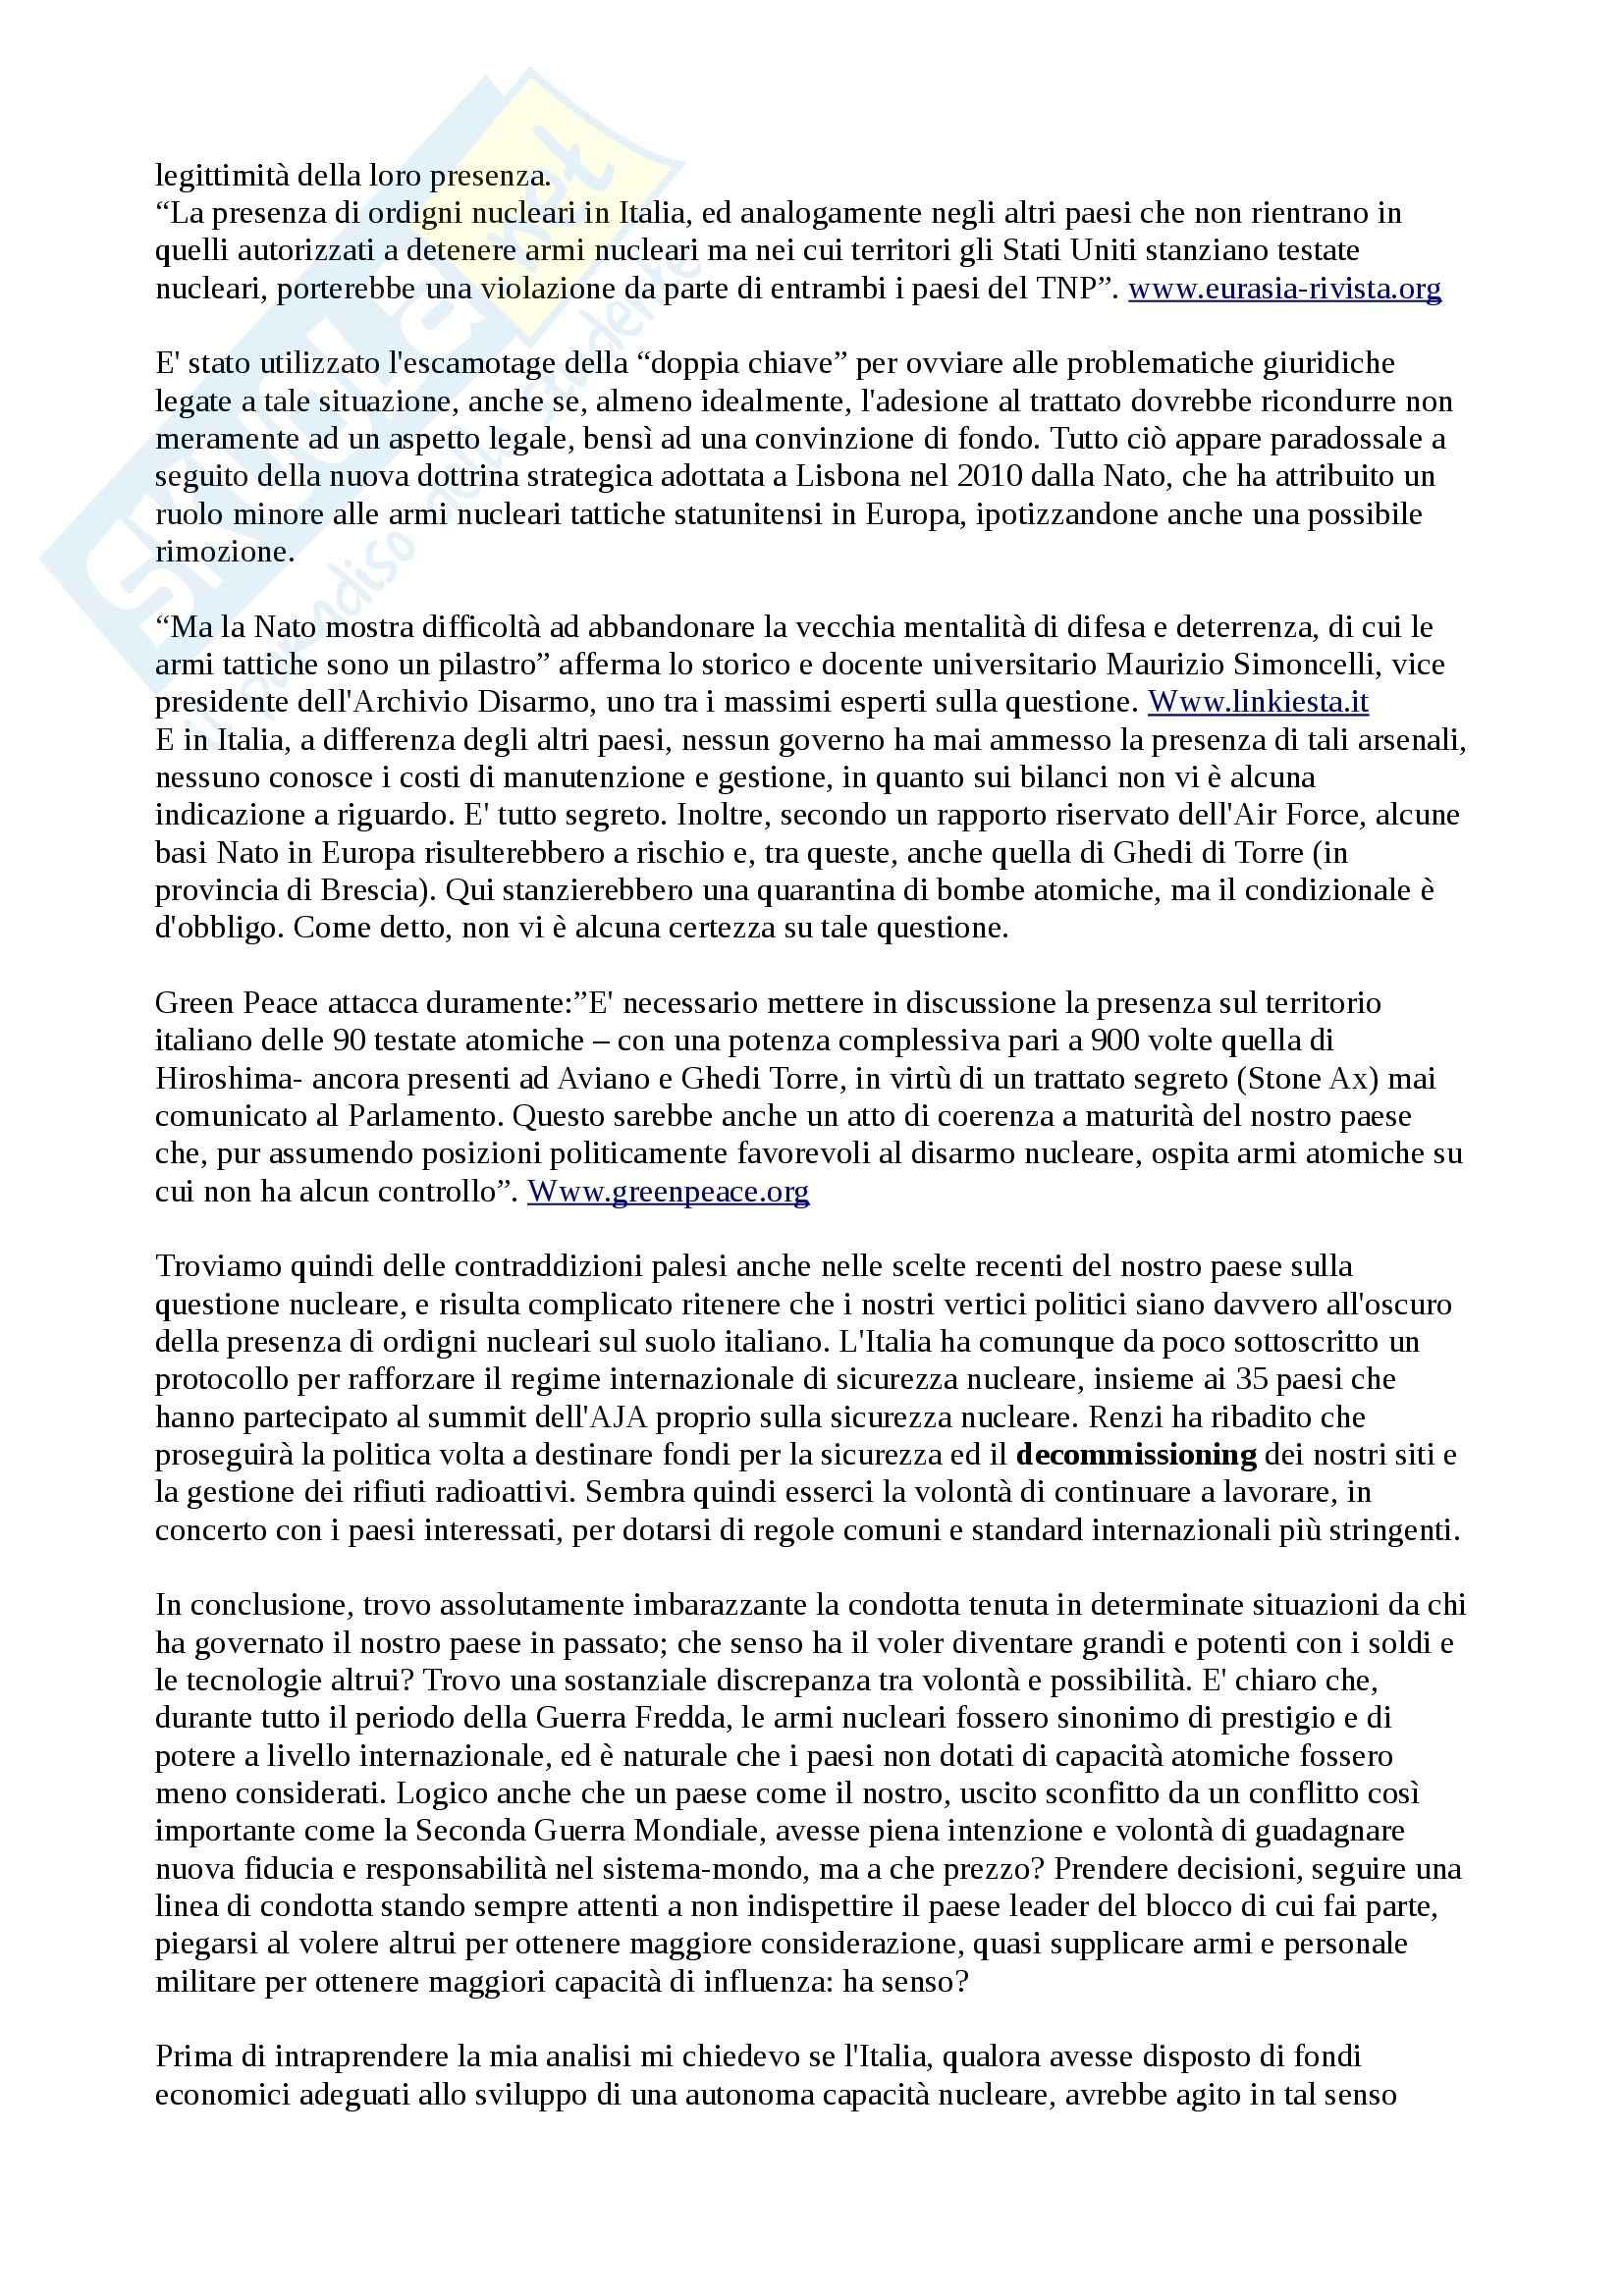 Rapporti Italia - Stati Uniti sul nucleare Pag. 6